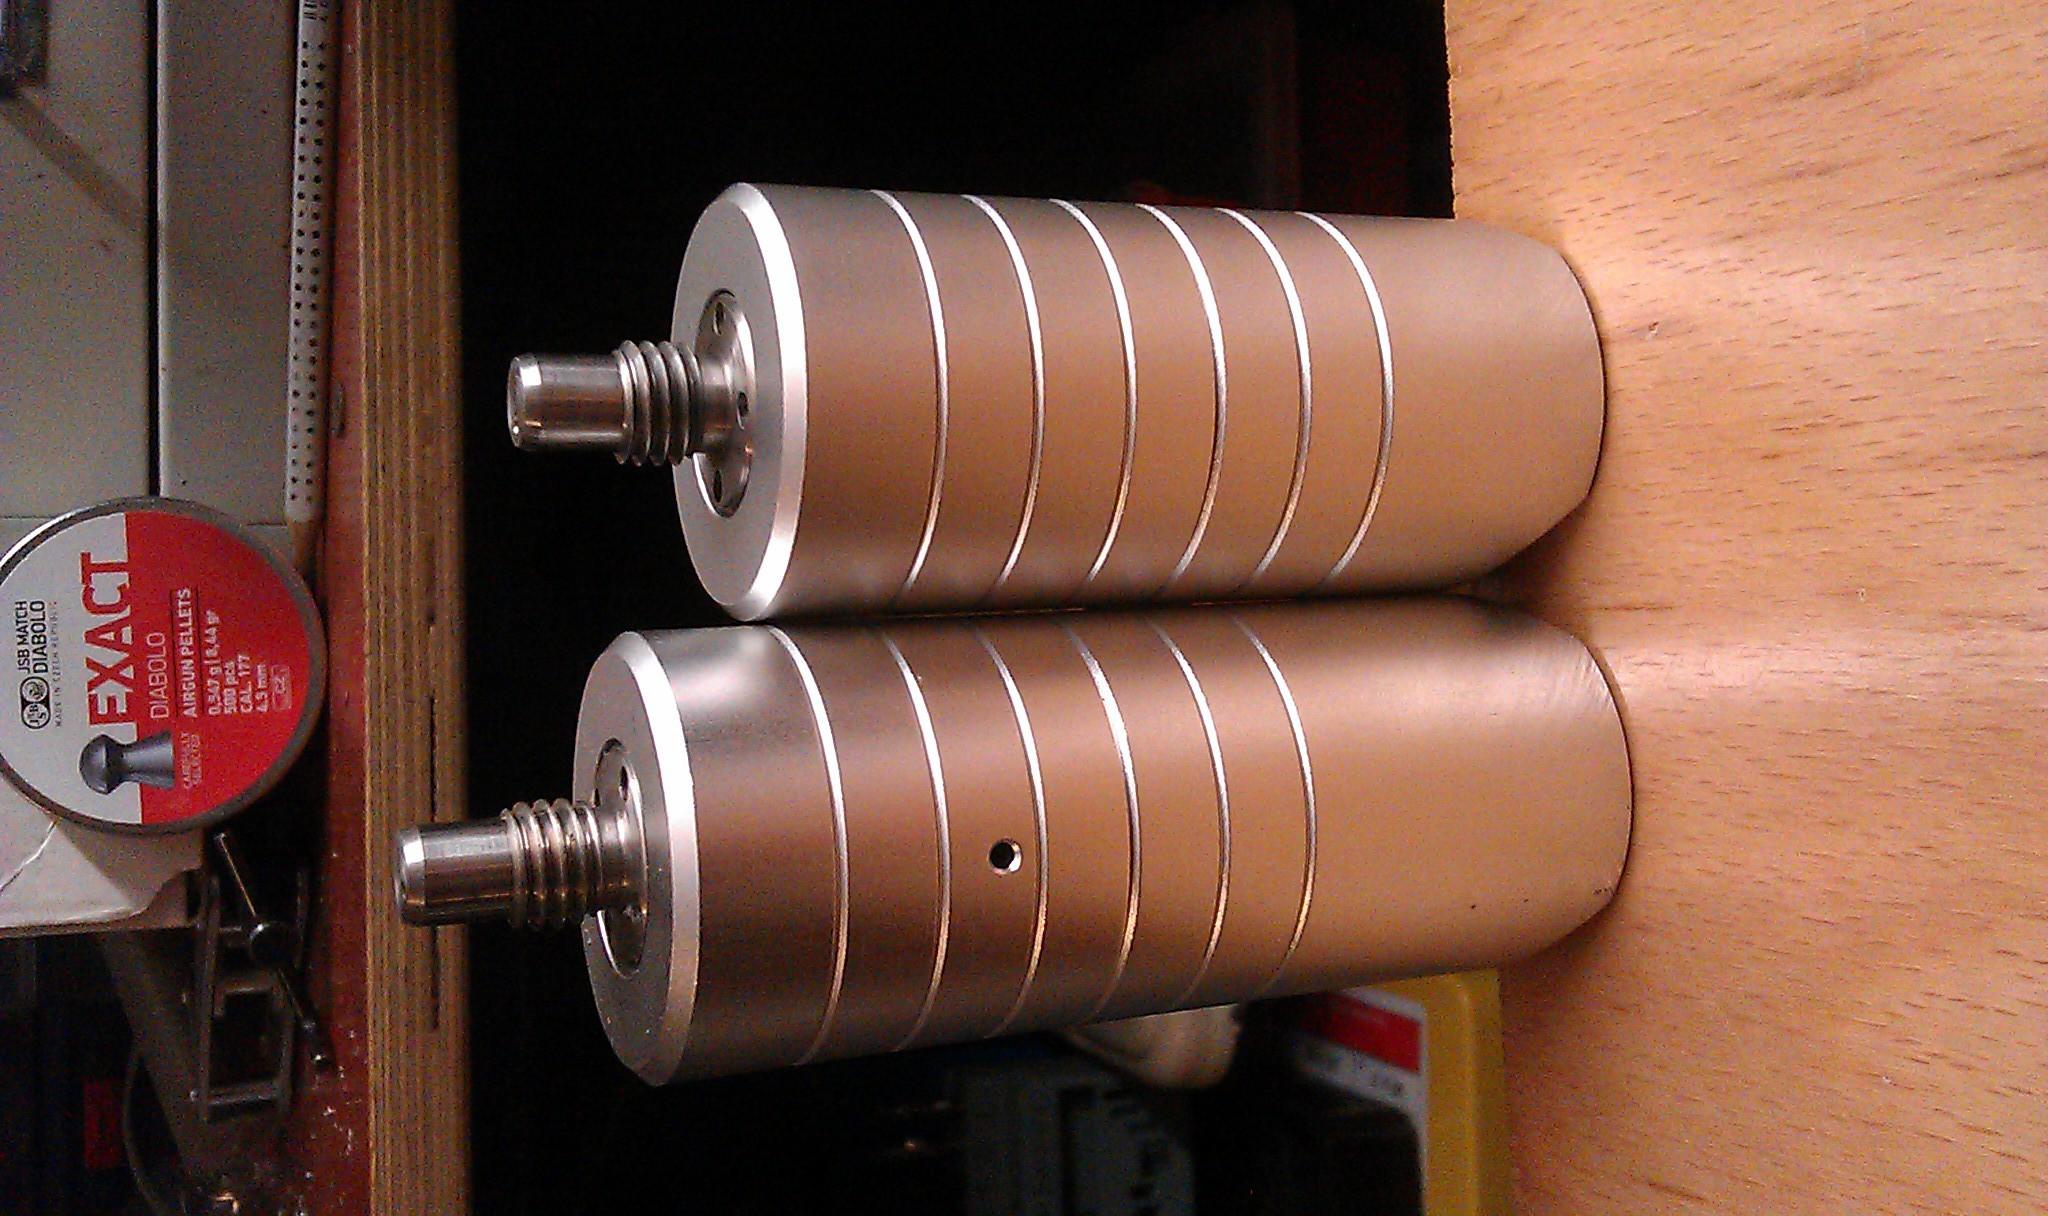 Walther pressure regulators | Airgun Accuracy